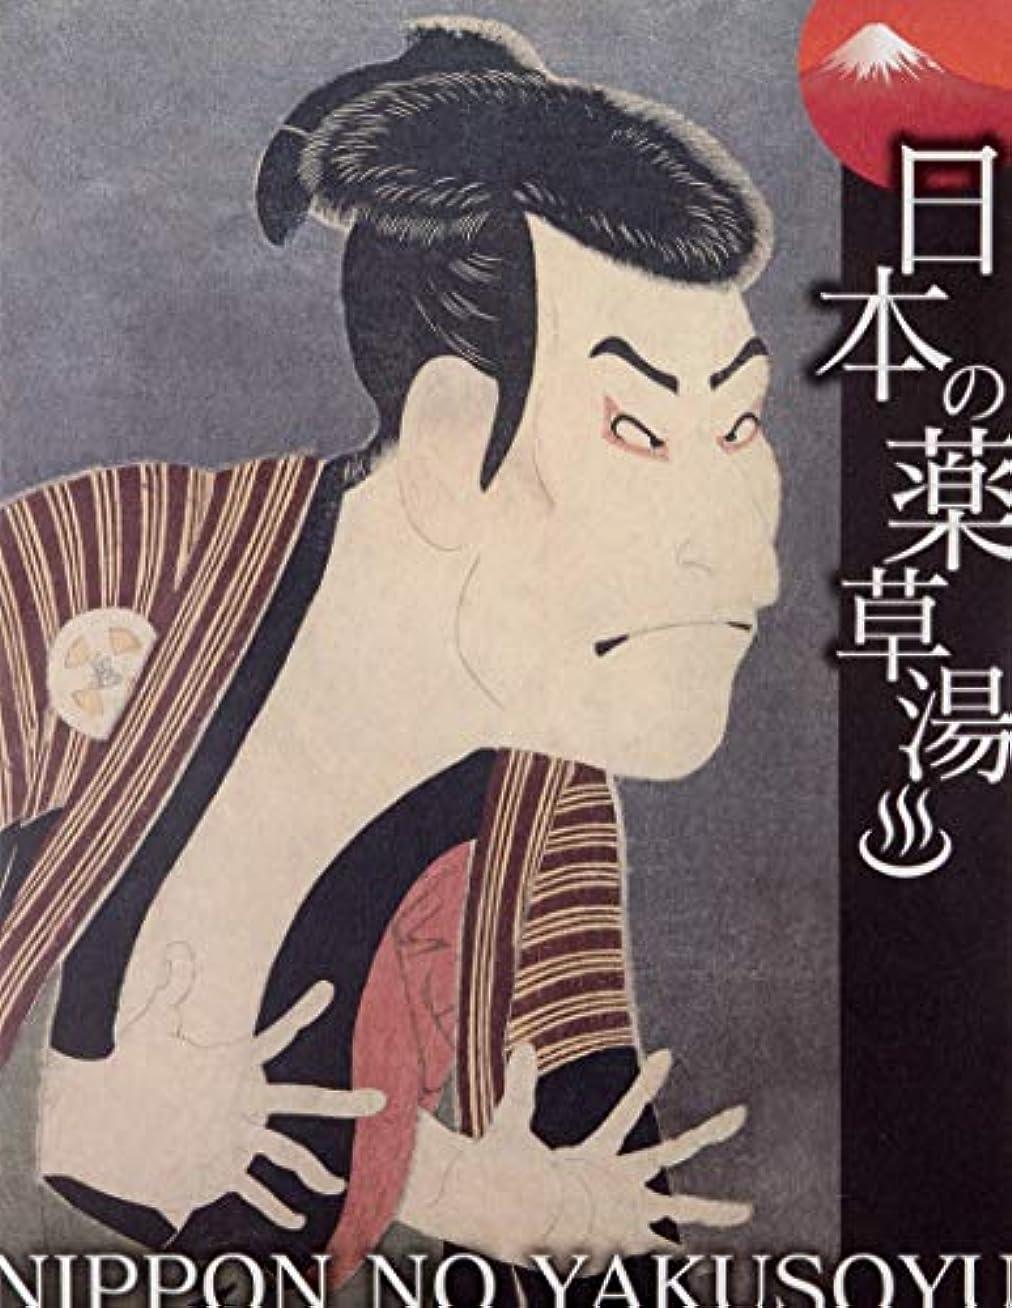 ローズ医薬品簡潔な日本の薬草湯 三代目大谷鬼次の奴江戸兵衛